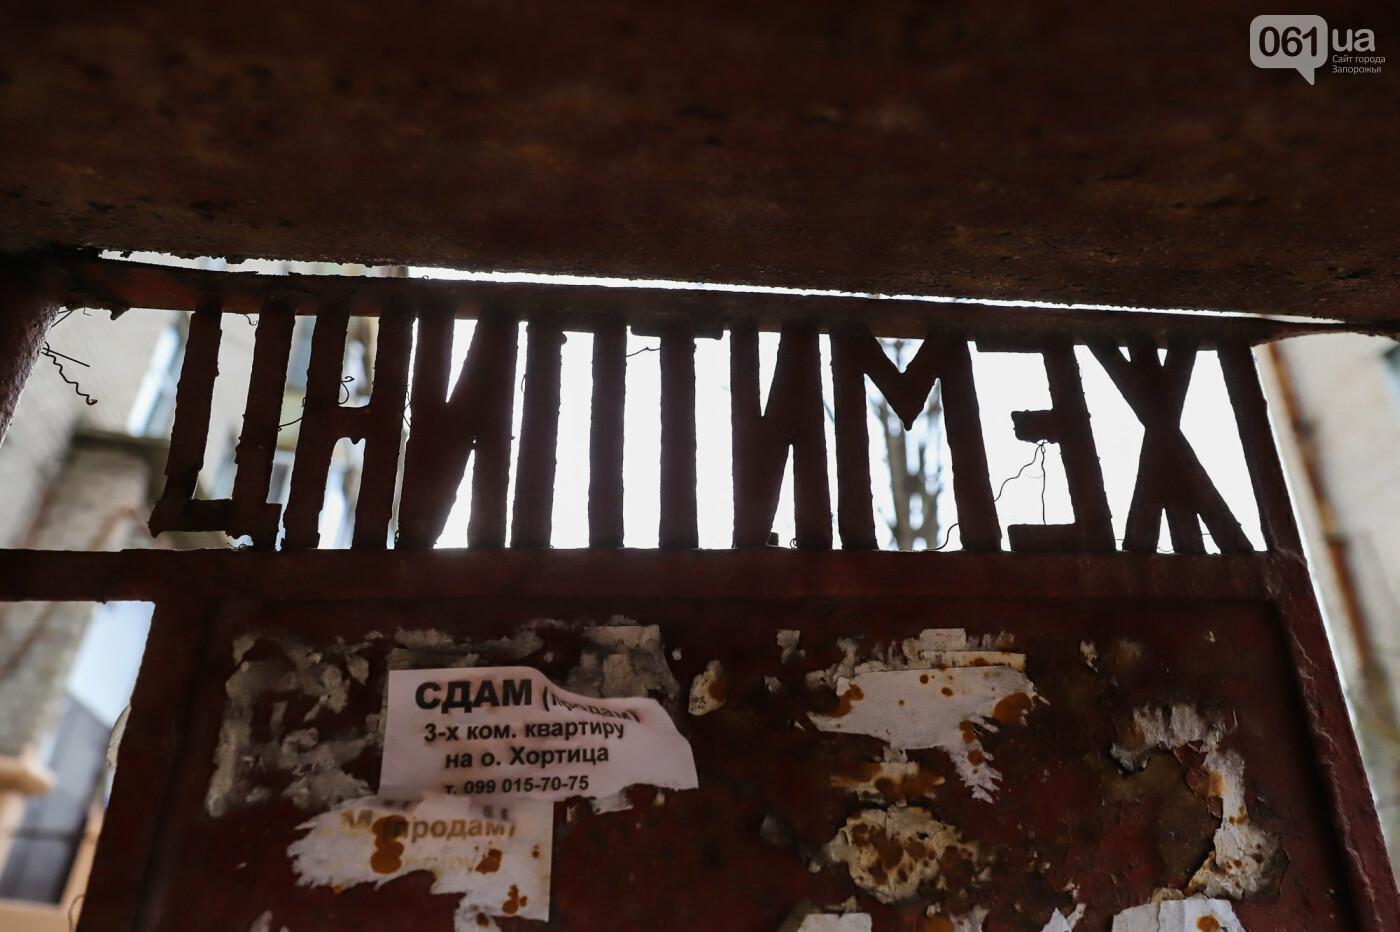 «В плену у заповедника»: как на Хортице живут люди без права на приватизацию жилья, - ФОТОРЕПОРТАЖ , фото-17